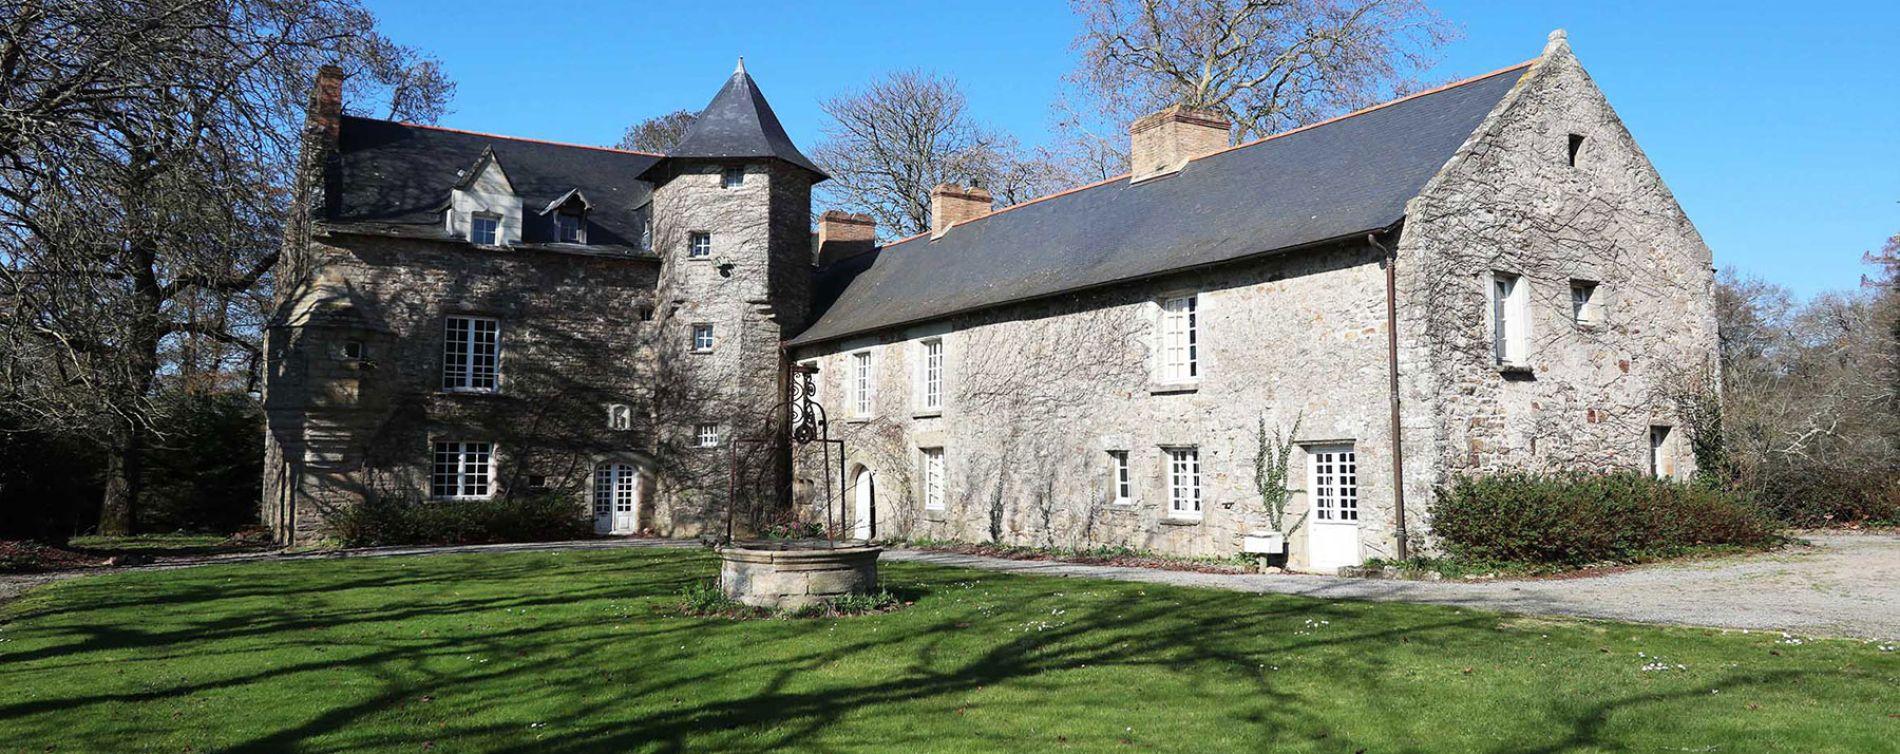 Saint-Herblain : programme immobilier neuve « Manoir de la Paclais » (2)